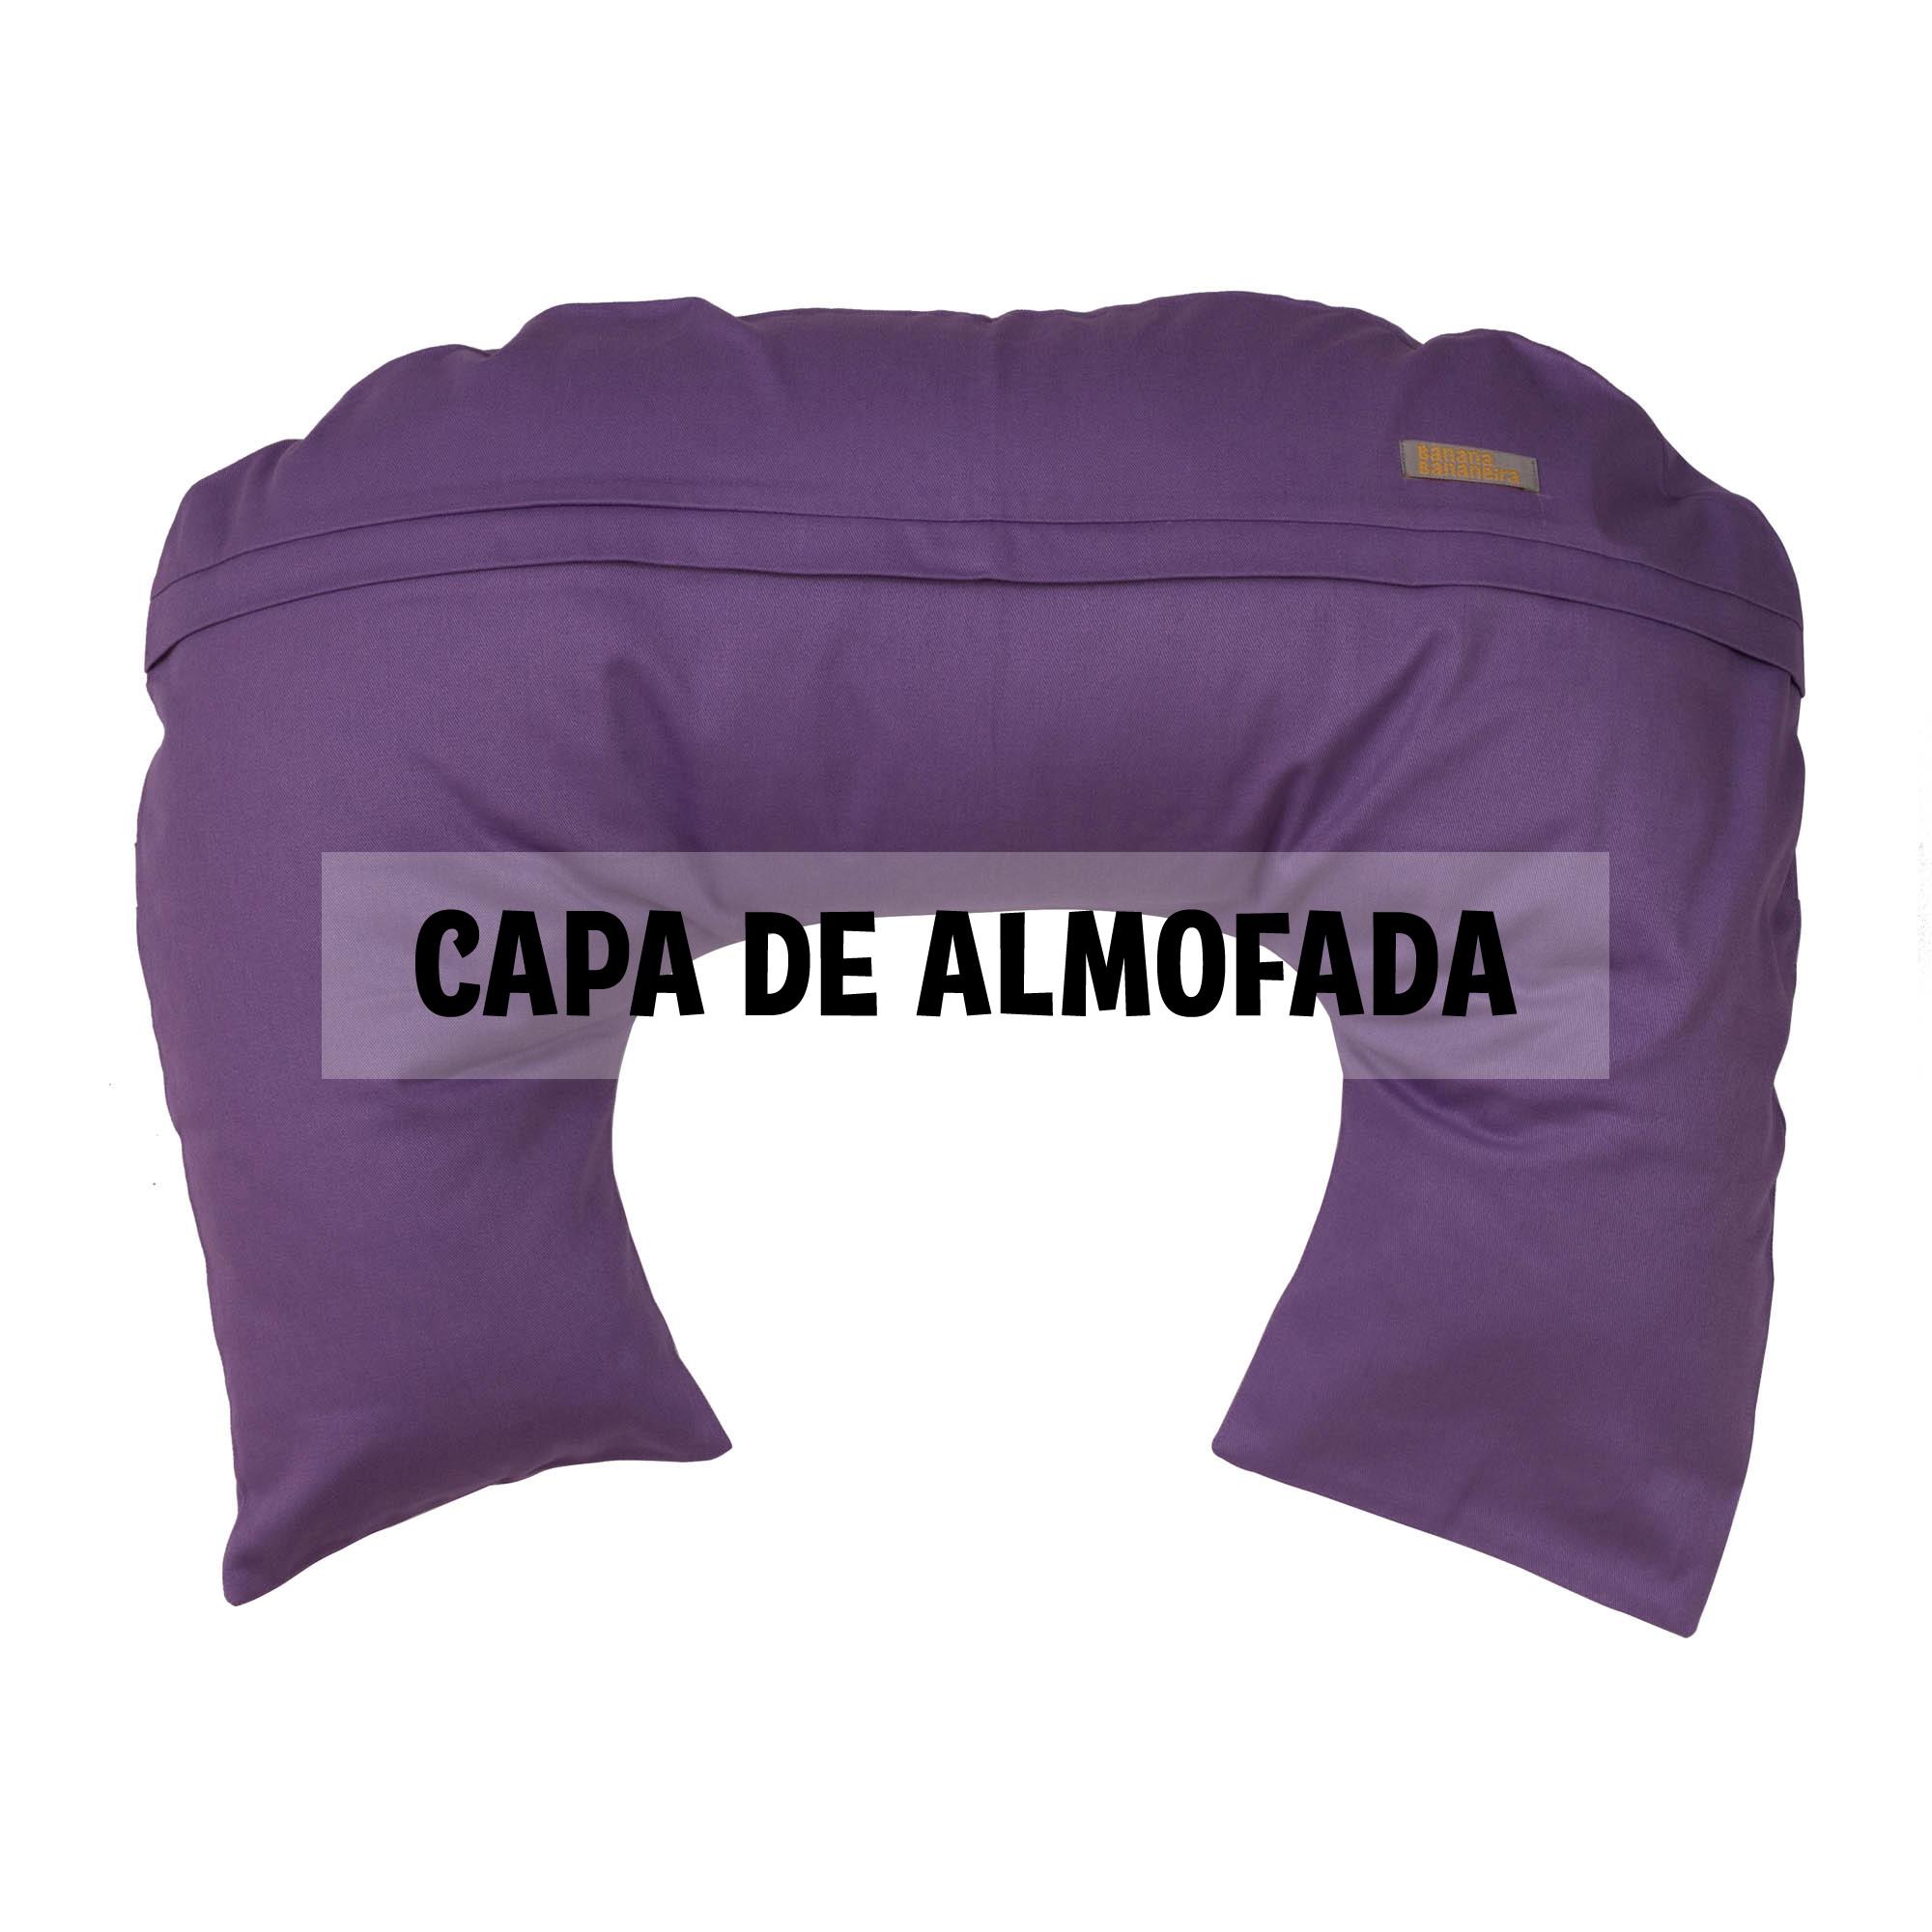 Capa de almofada de amamentação lilás